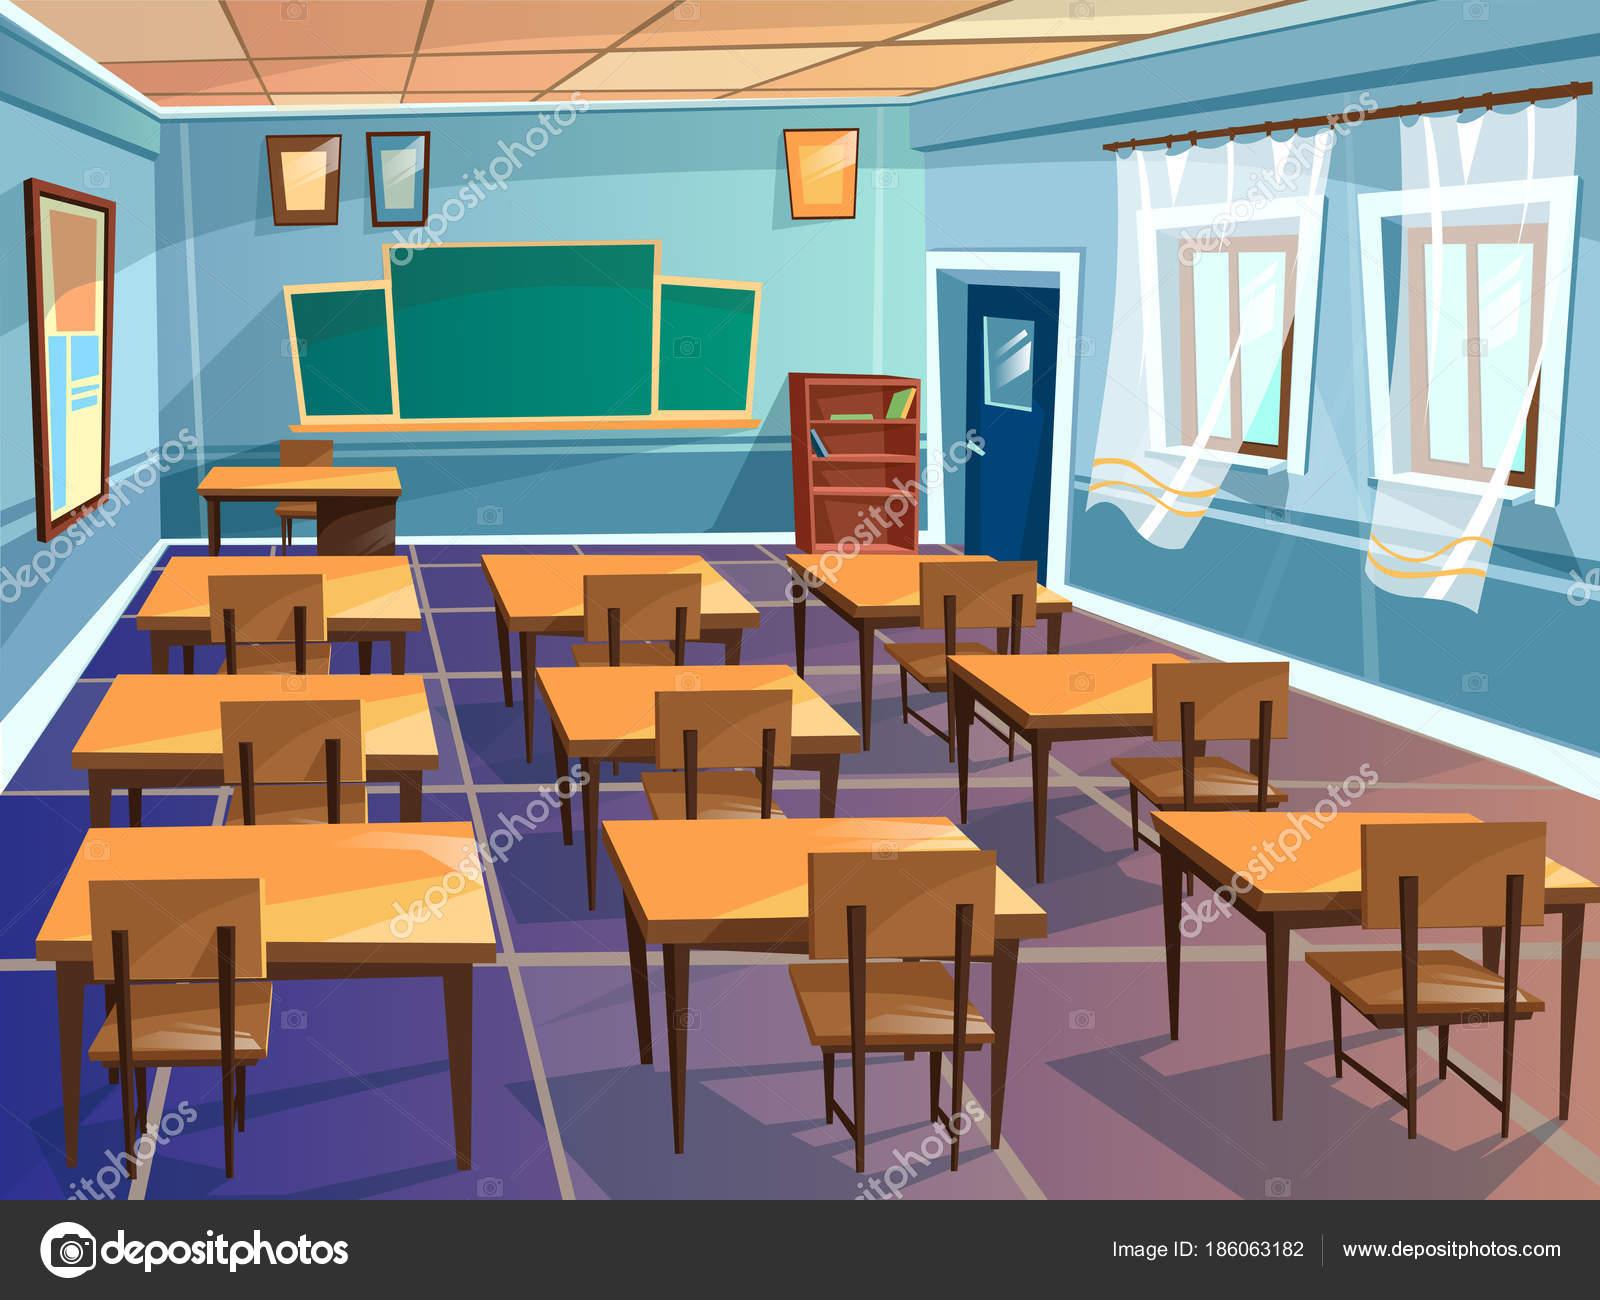 학교 또는 대학 교실 벡터 만화 스톡 벡터 169 Vectorpouch 186063182